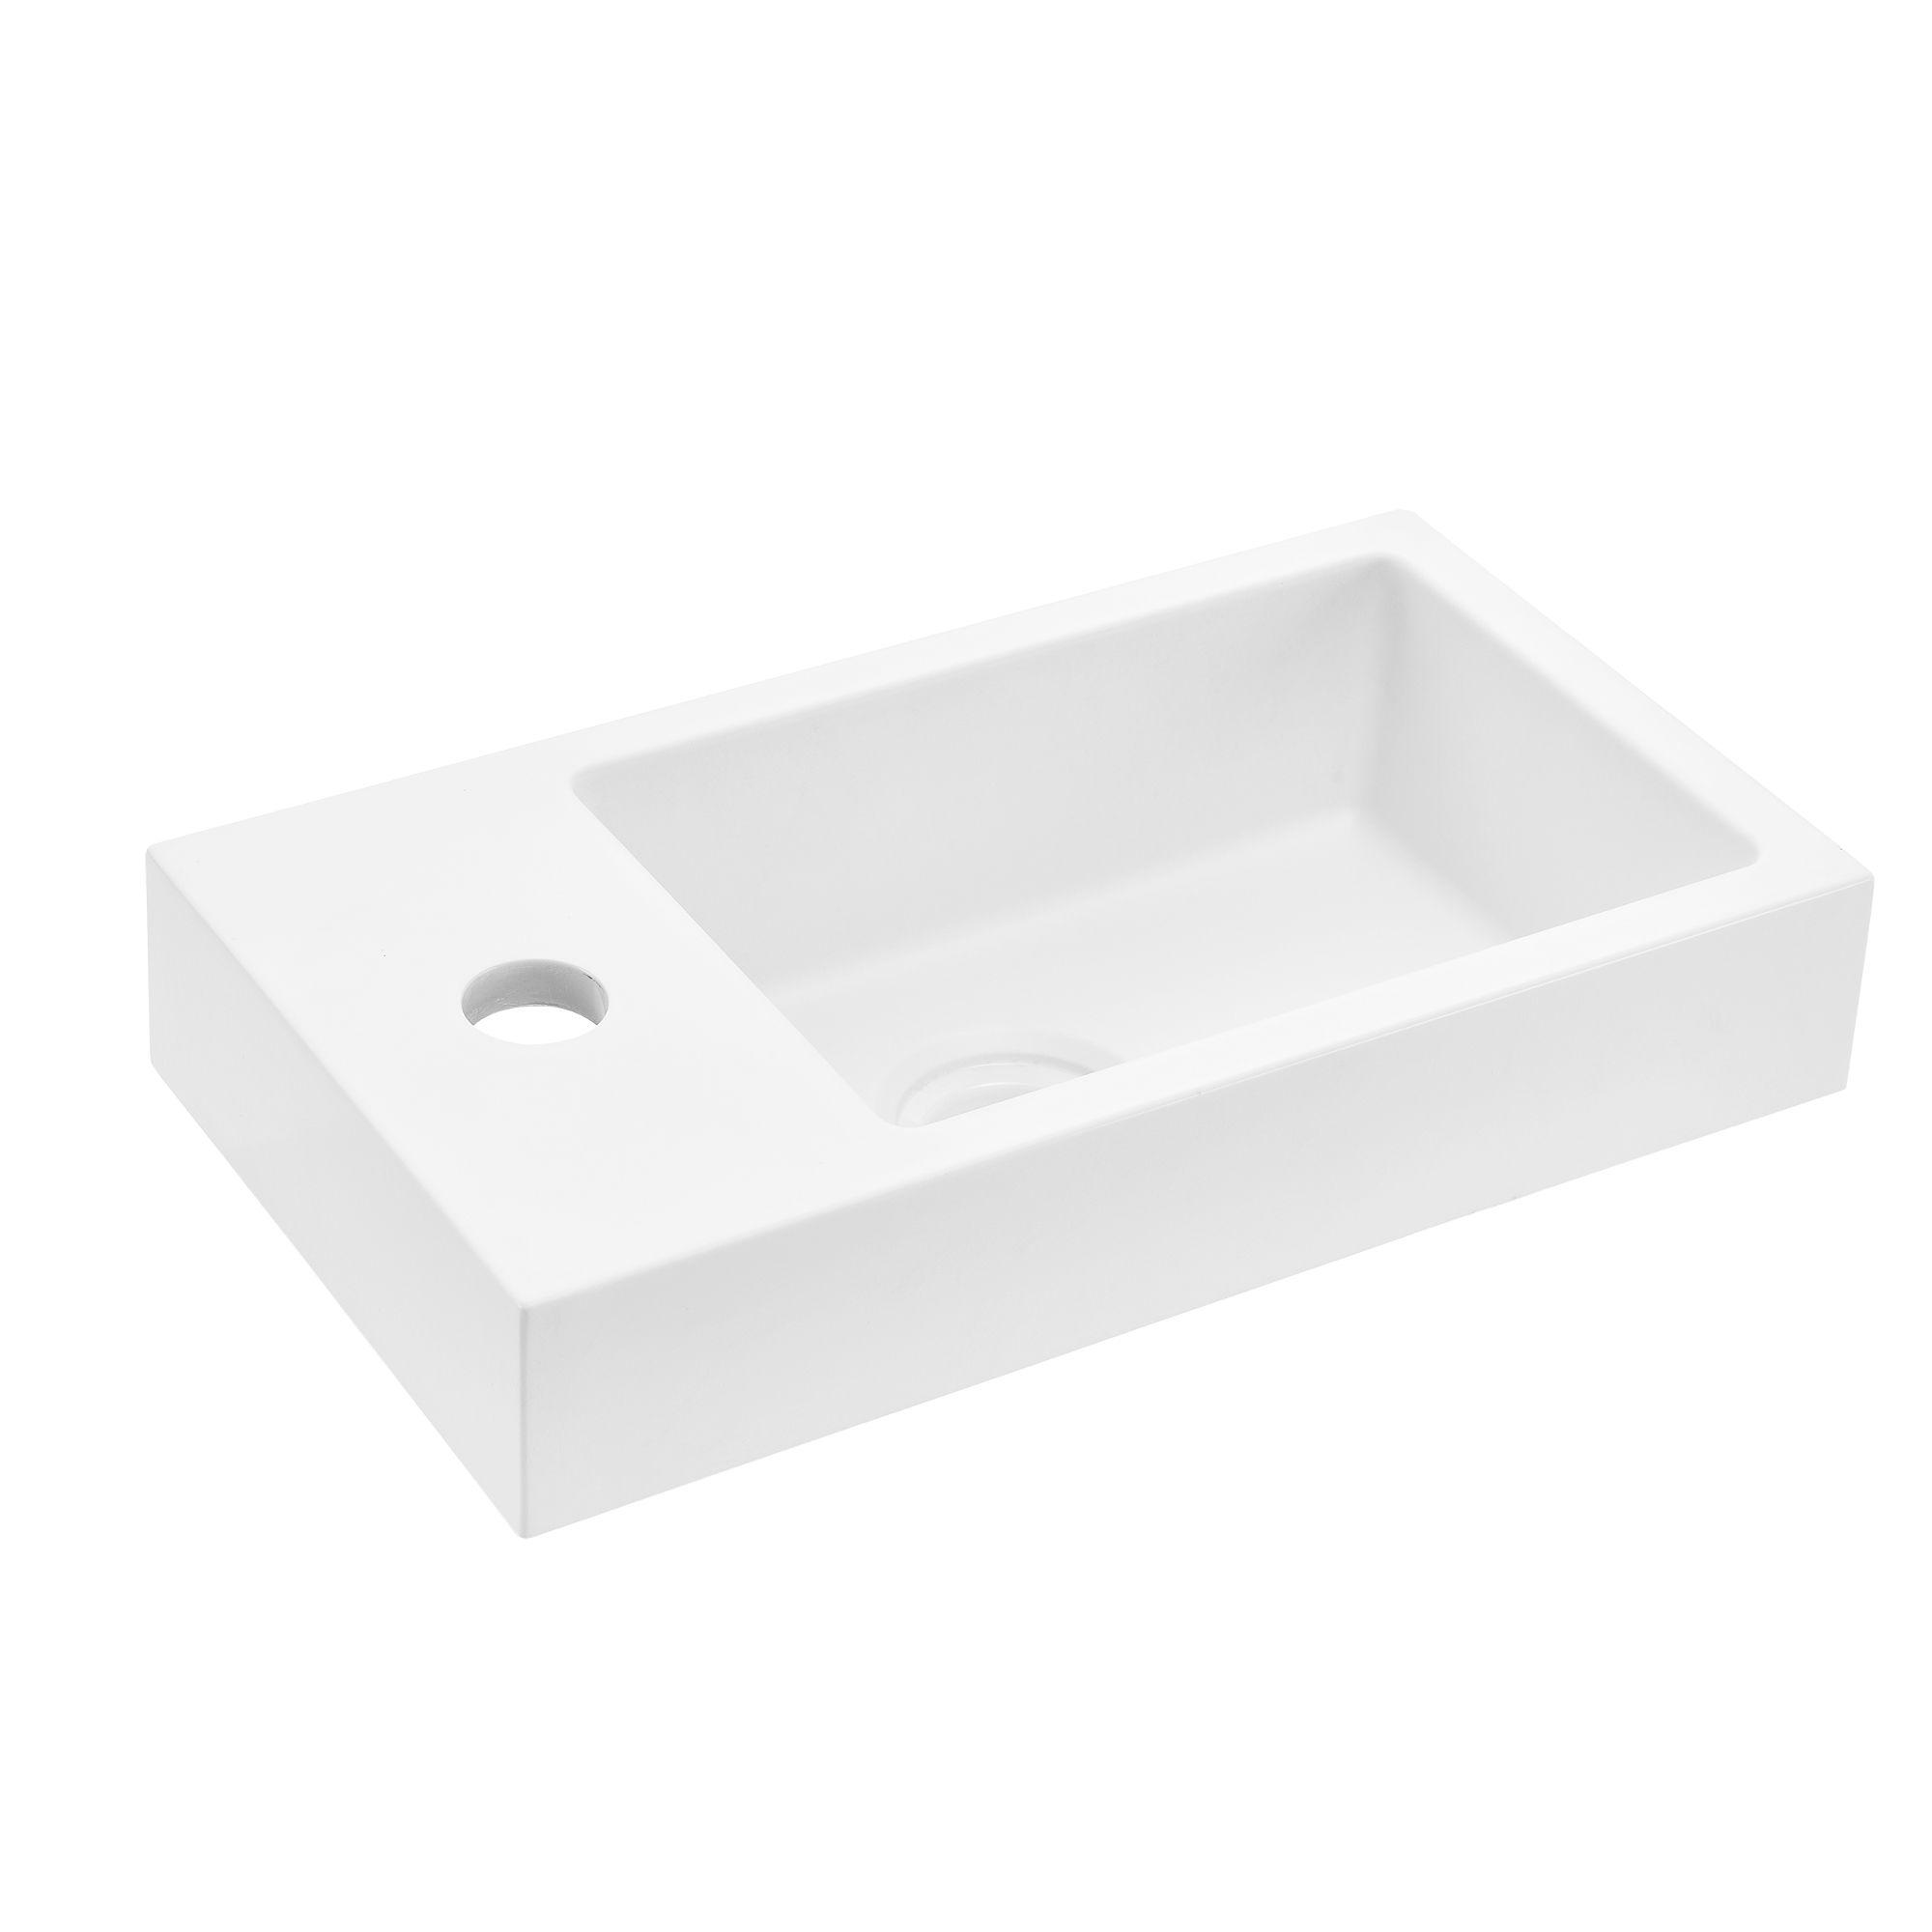 neu haus Lavabo blanco negro Cuenca lavabo WC de huespedes